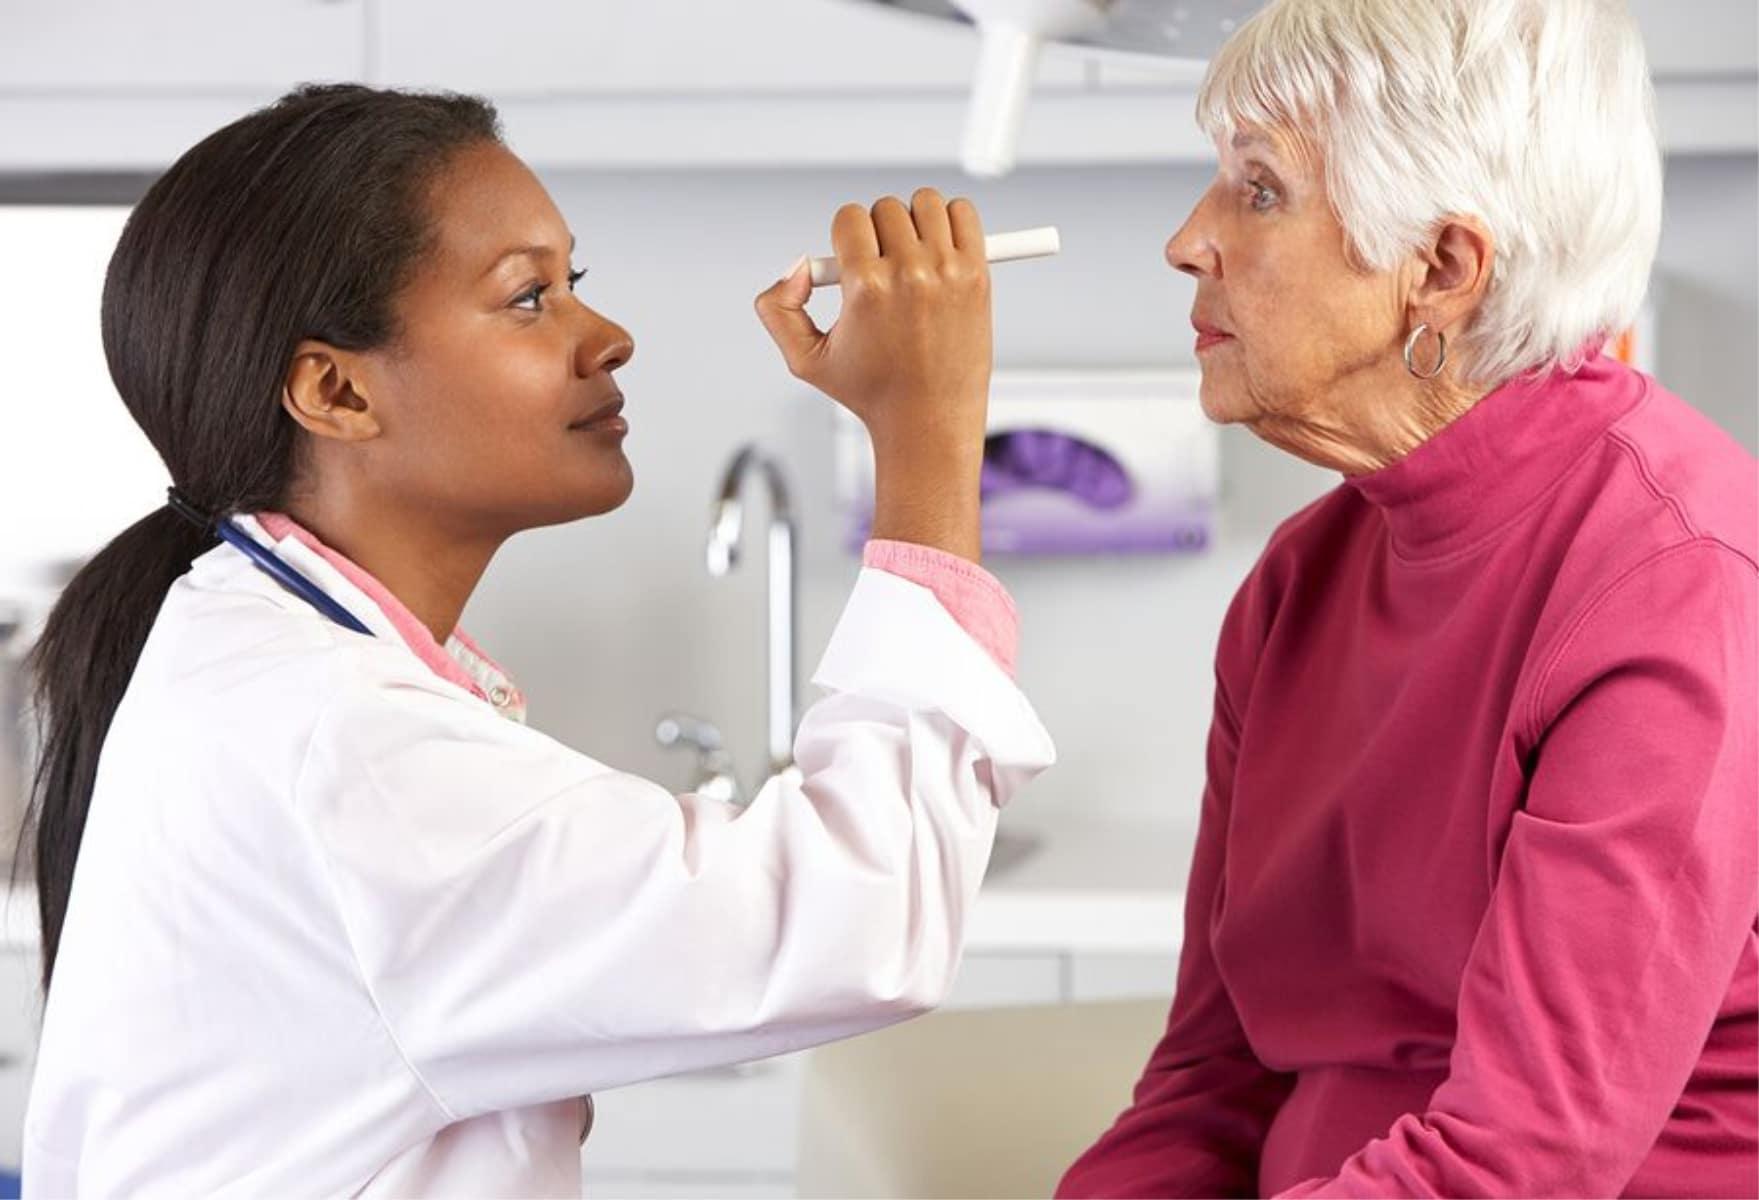 Elder Care in Johns Creek GA: Low Vision